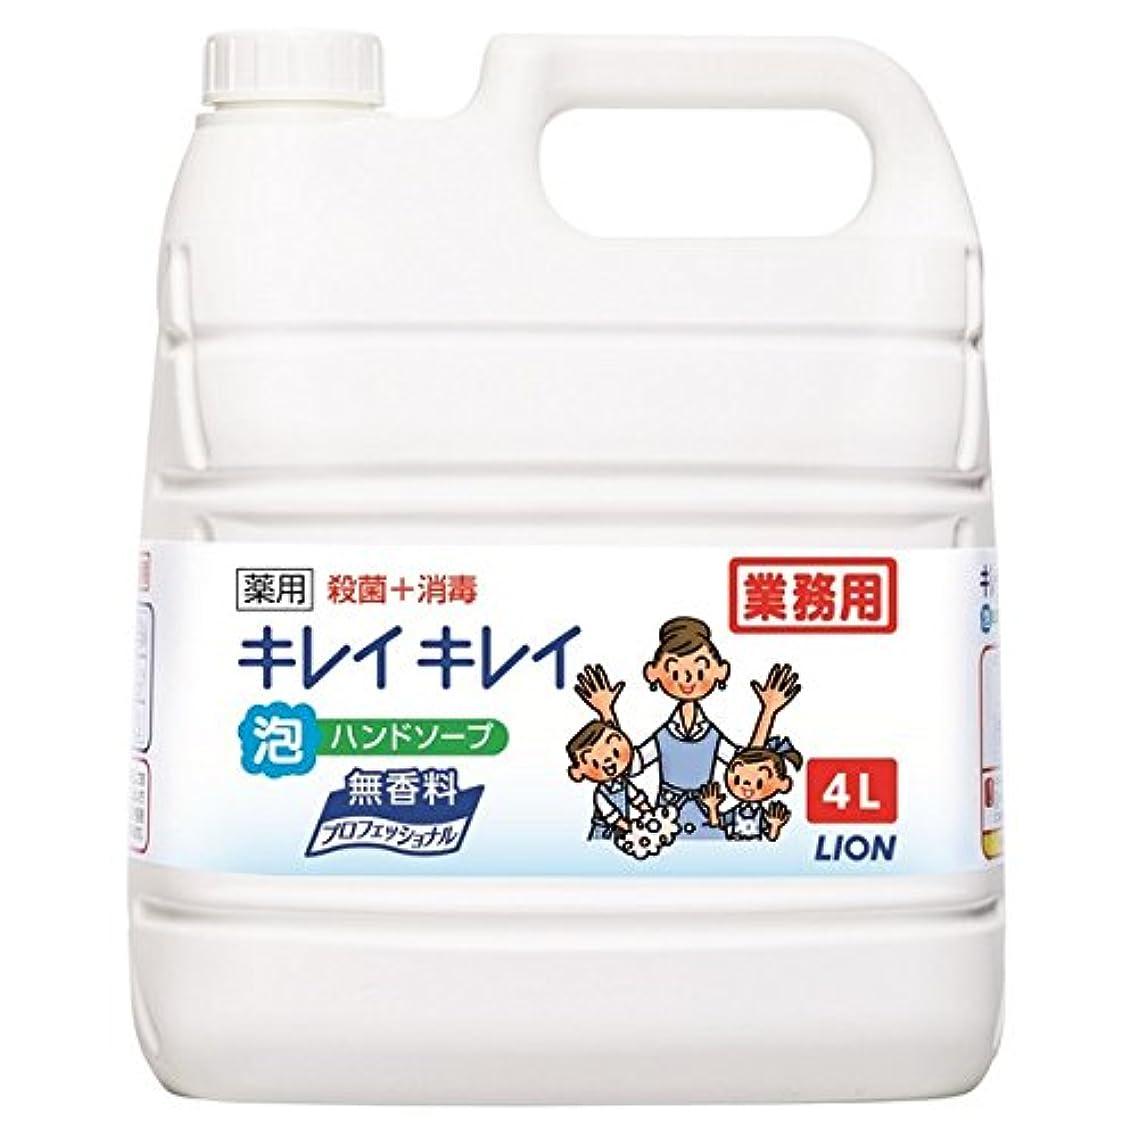 びっくりストレスの多い懲戒ライオン キレイキレイ薬用泡ハンドソープ 無香料 4L×3本入